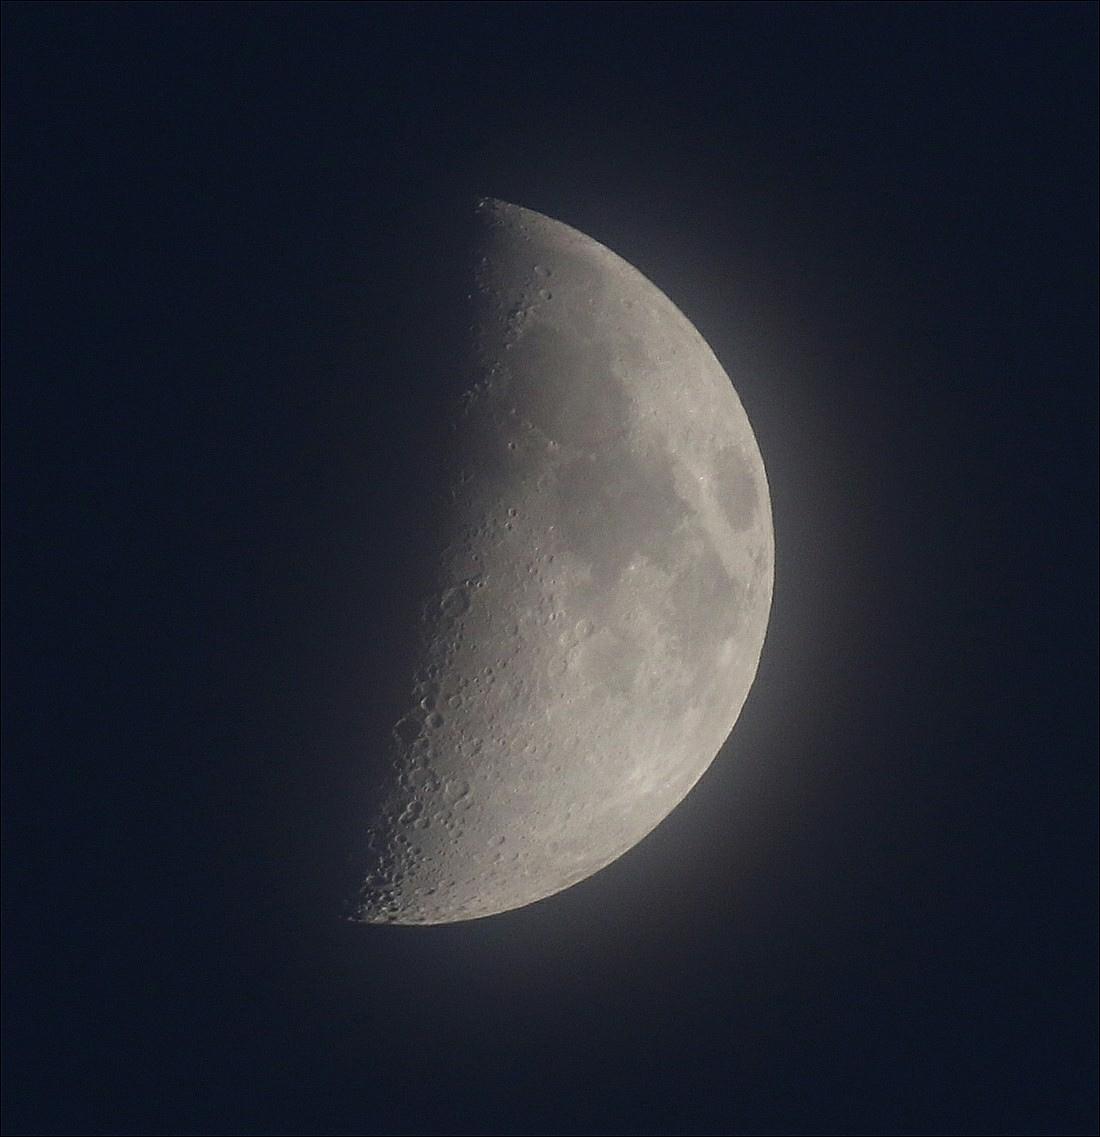 la lune le 29/05/2020 (53507AI1R6 1)